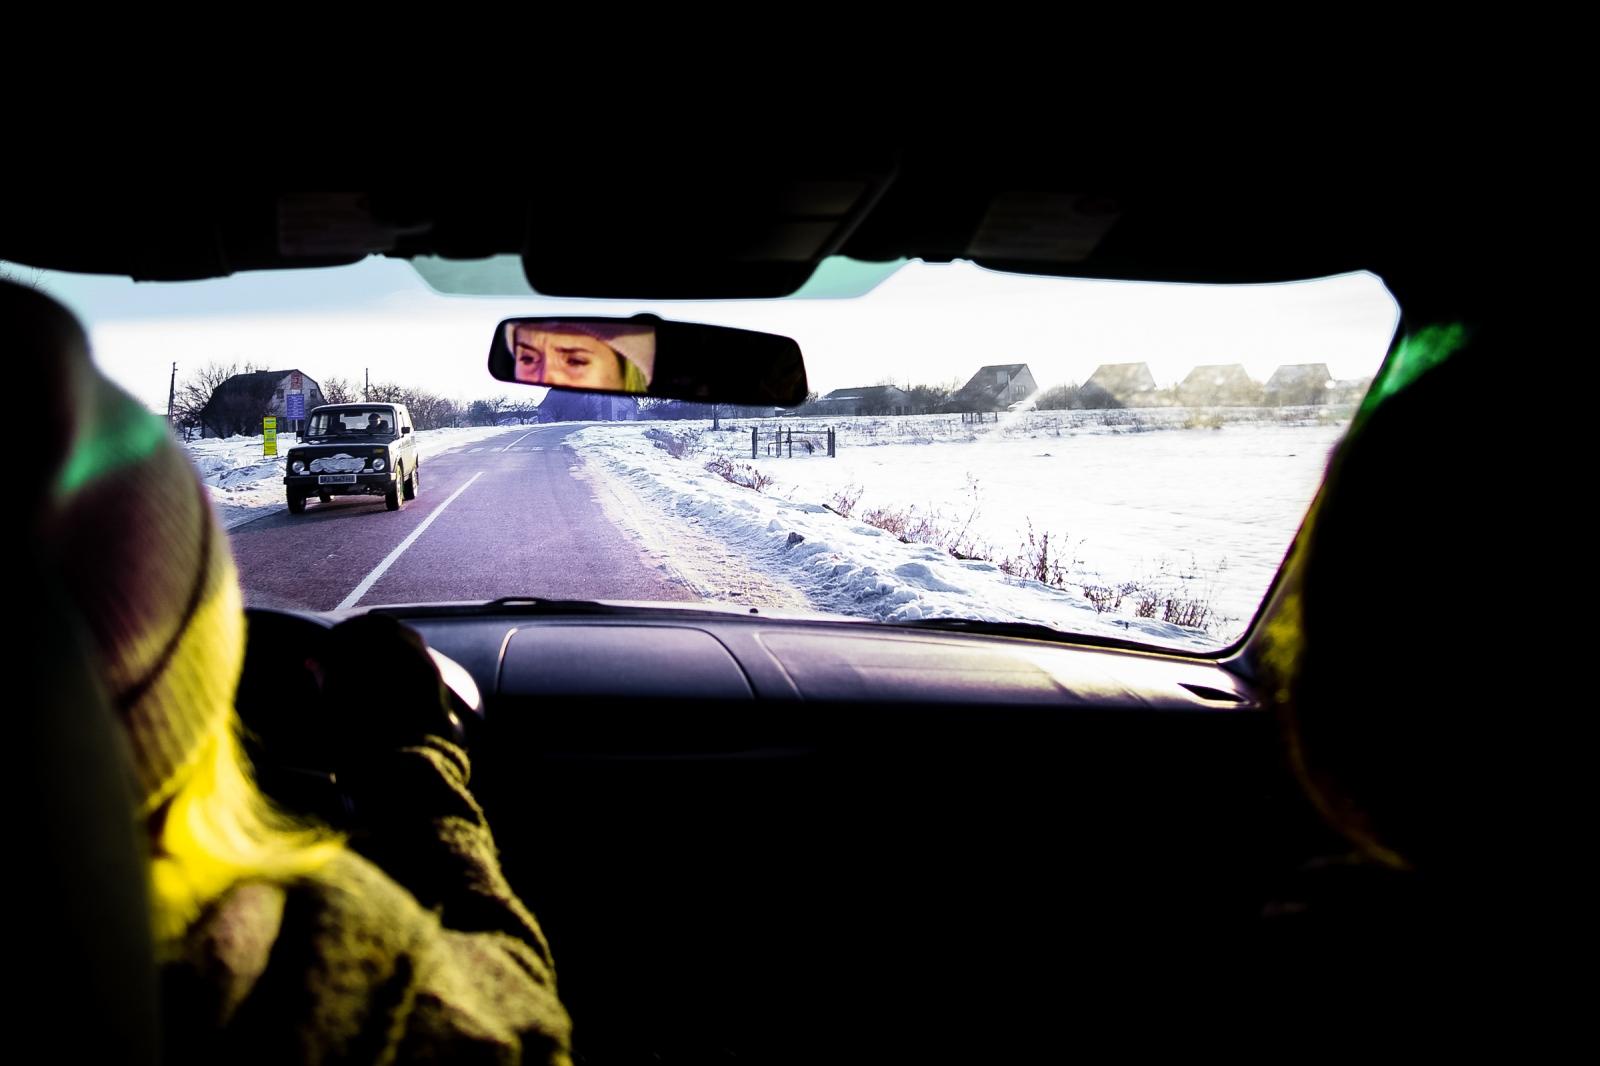 Olessya, Russe, se rend chez elle en voiture dans un village ukrainien non loin de Kiev.